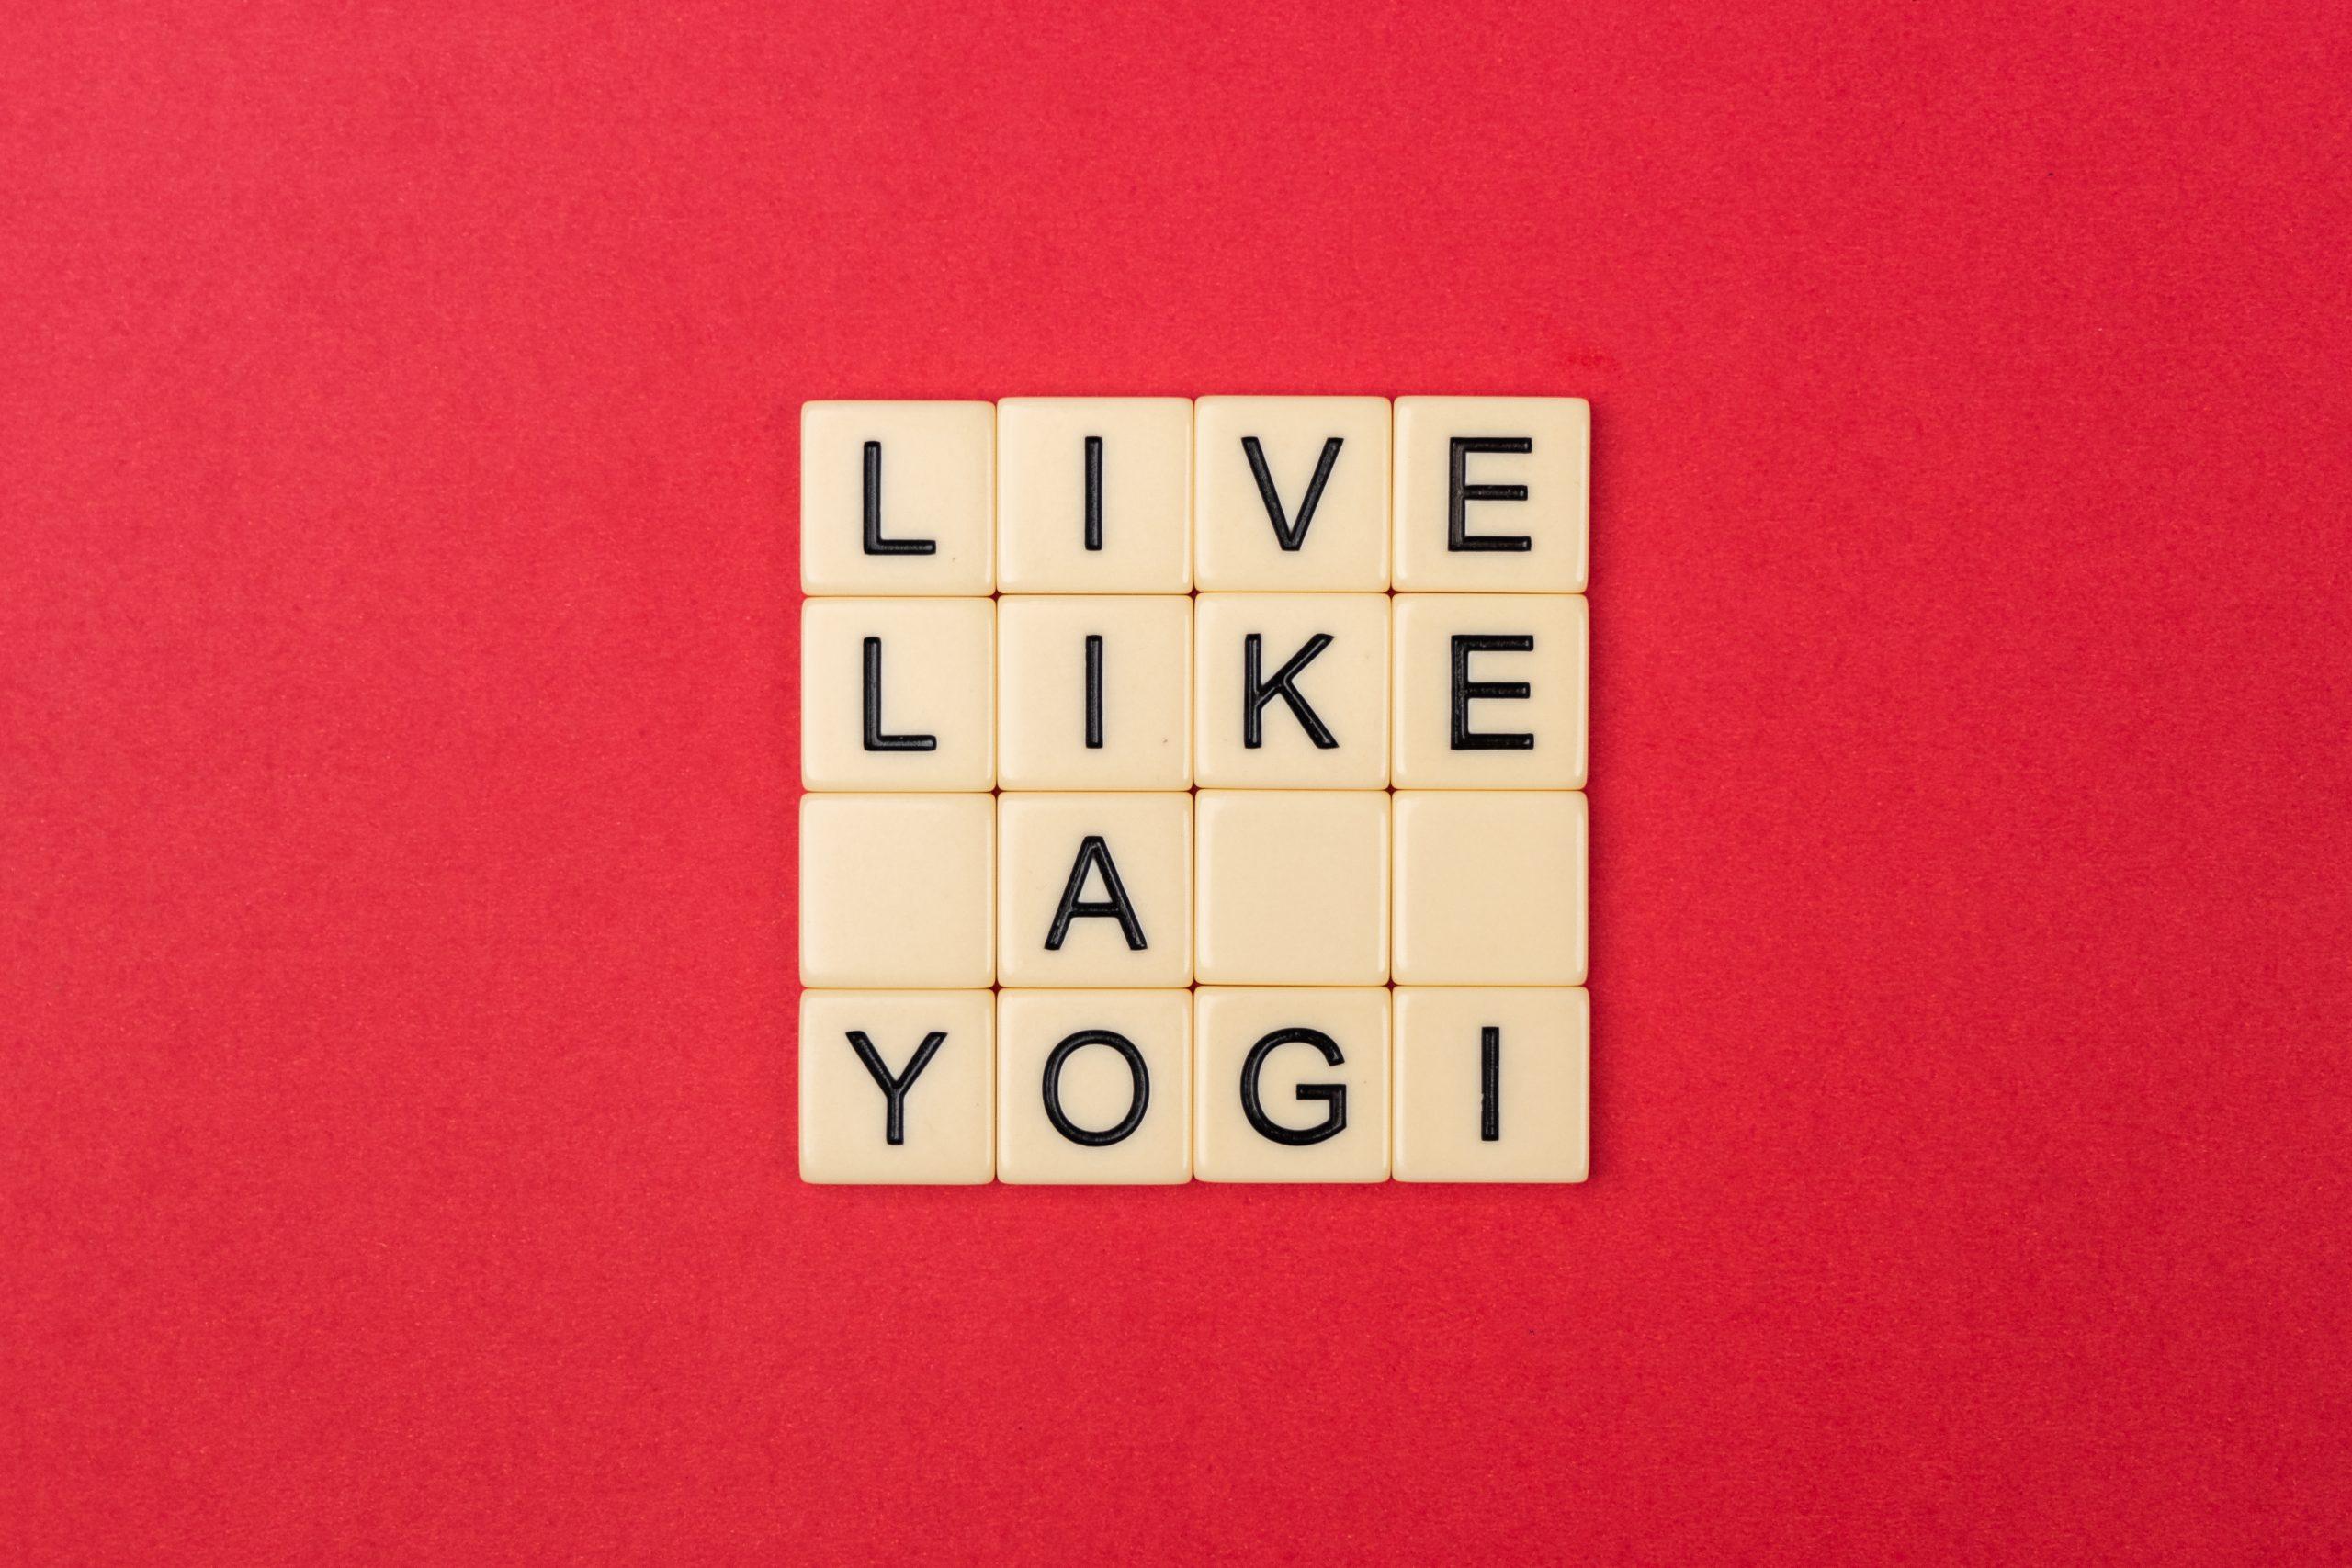 Live like a yogi written on scrabble